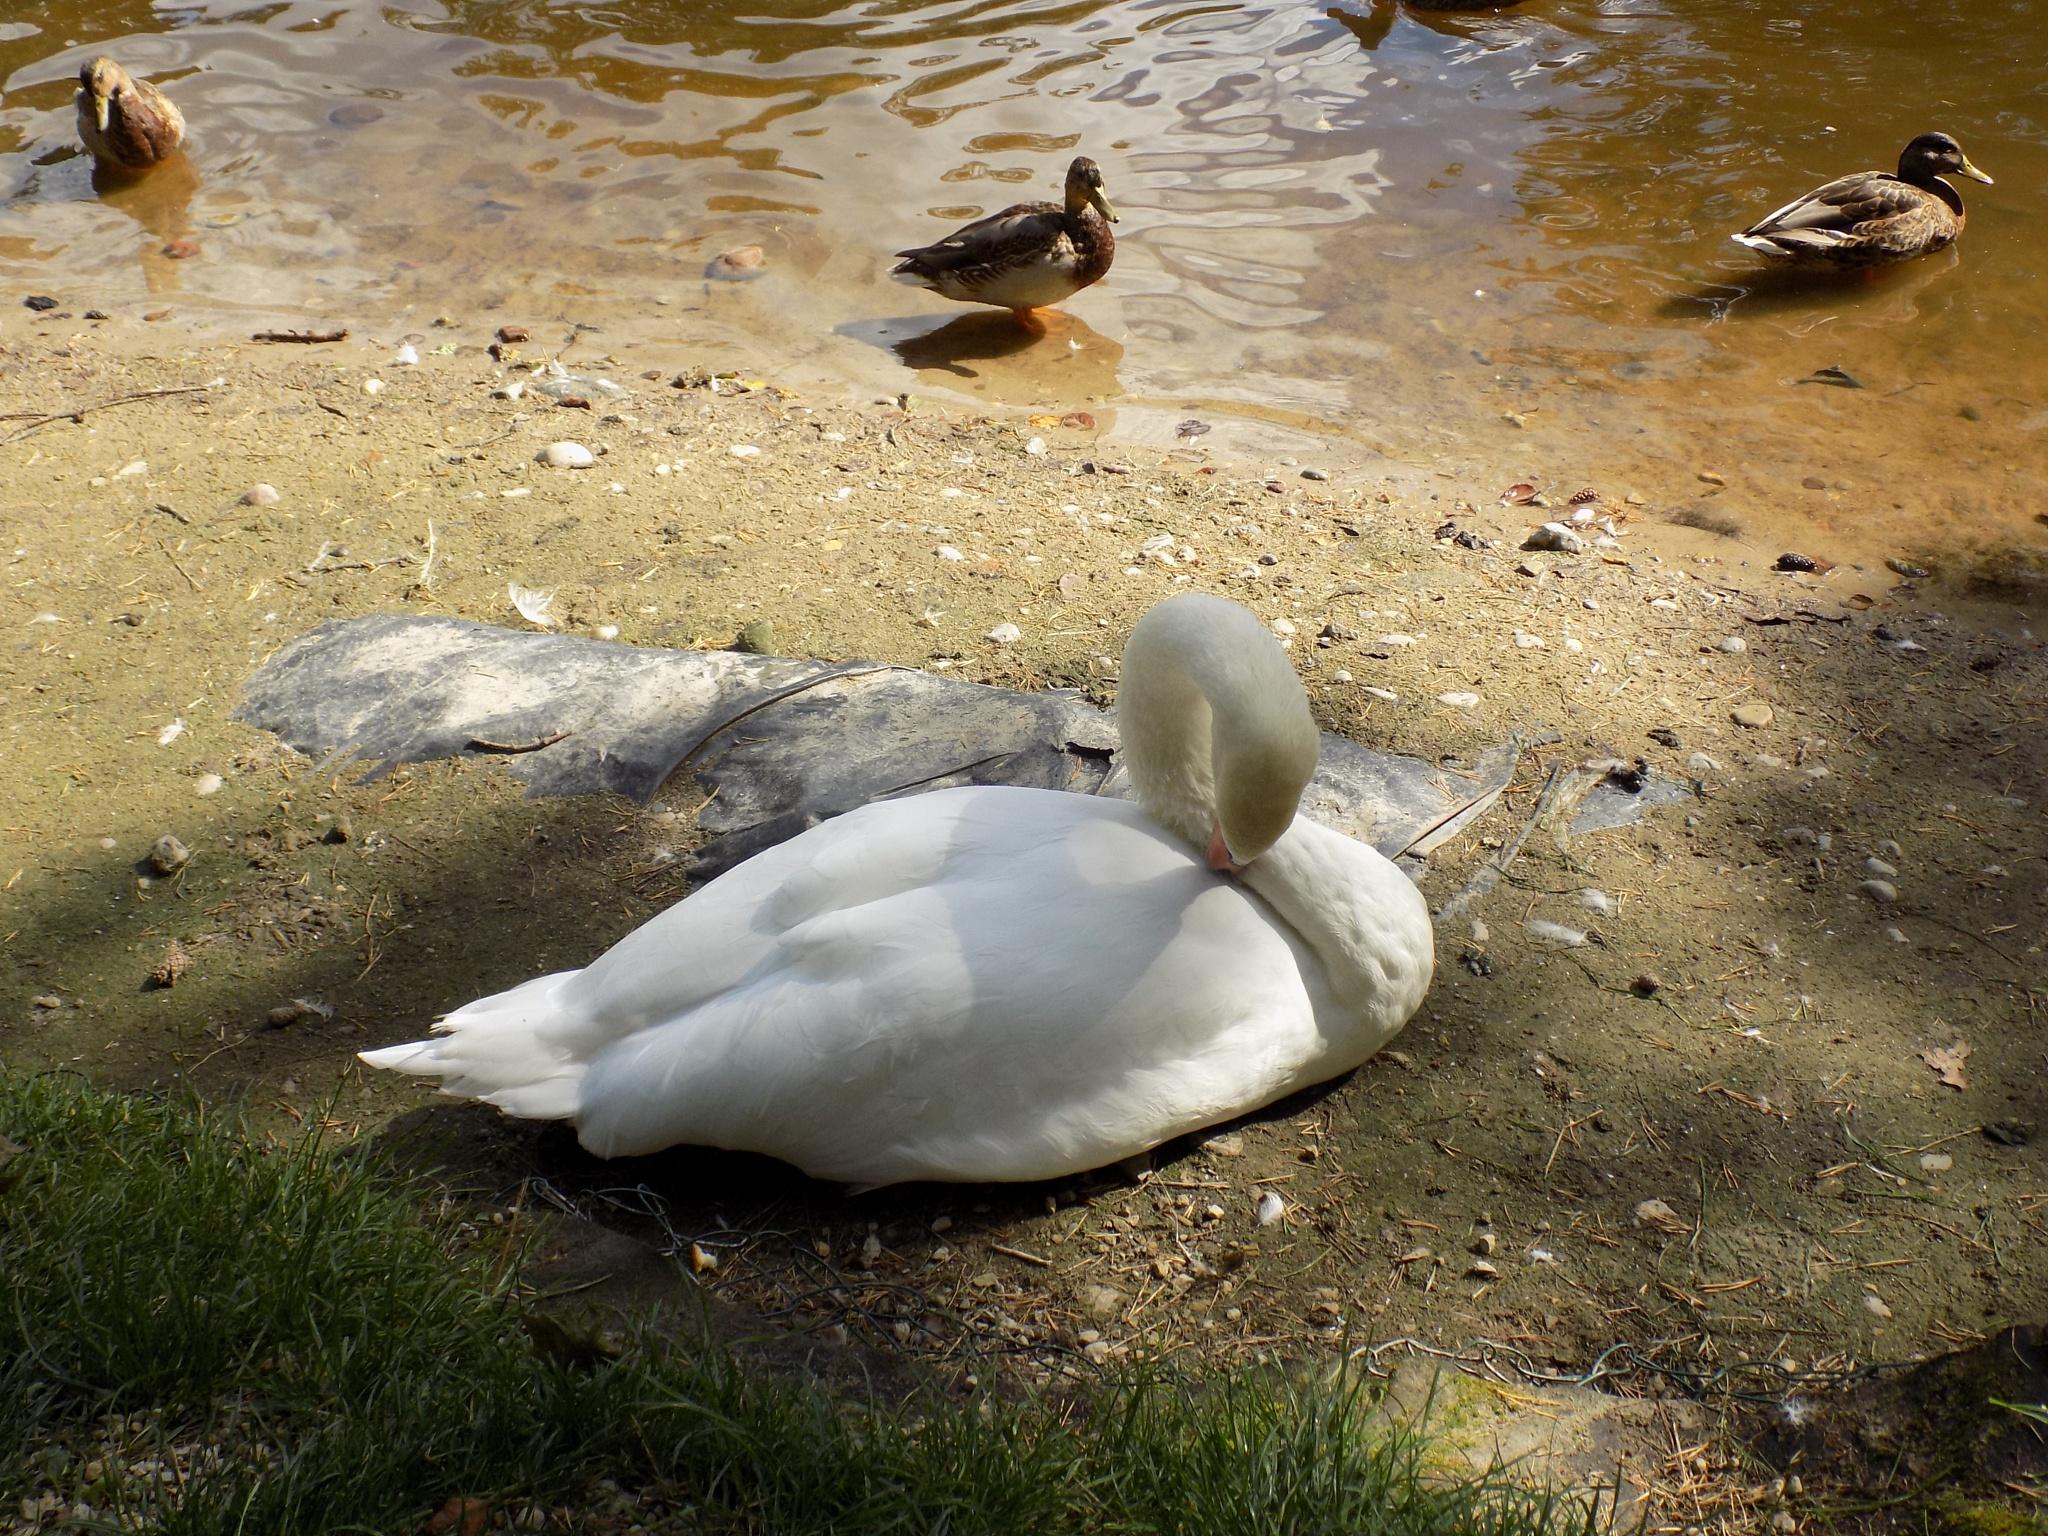 Swan and ducks by uzkuraitiene62